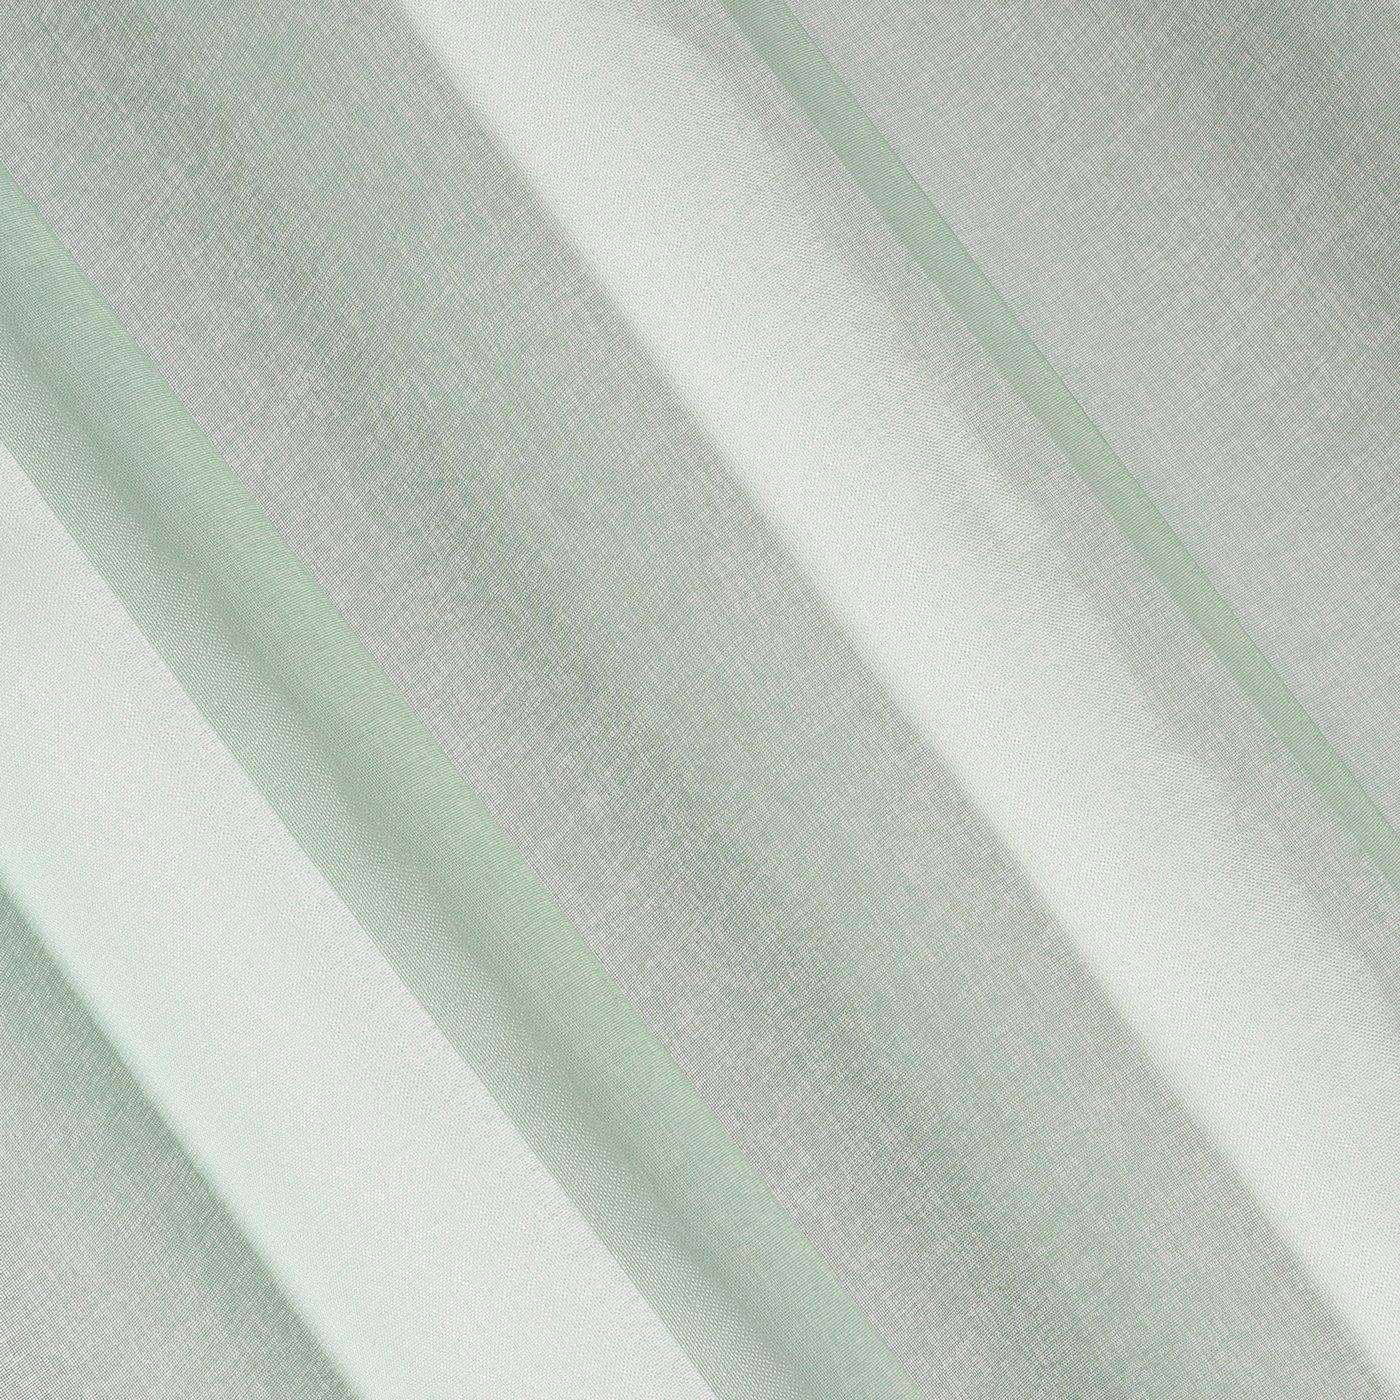 Firana miętowa zwiewna z etaminy 140 x 270 cm na taśmie